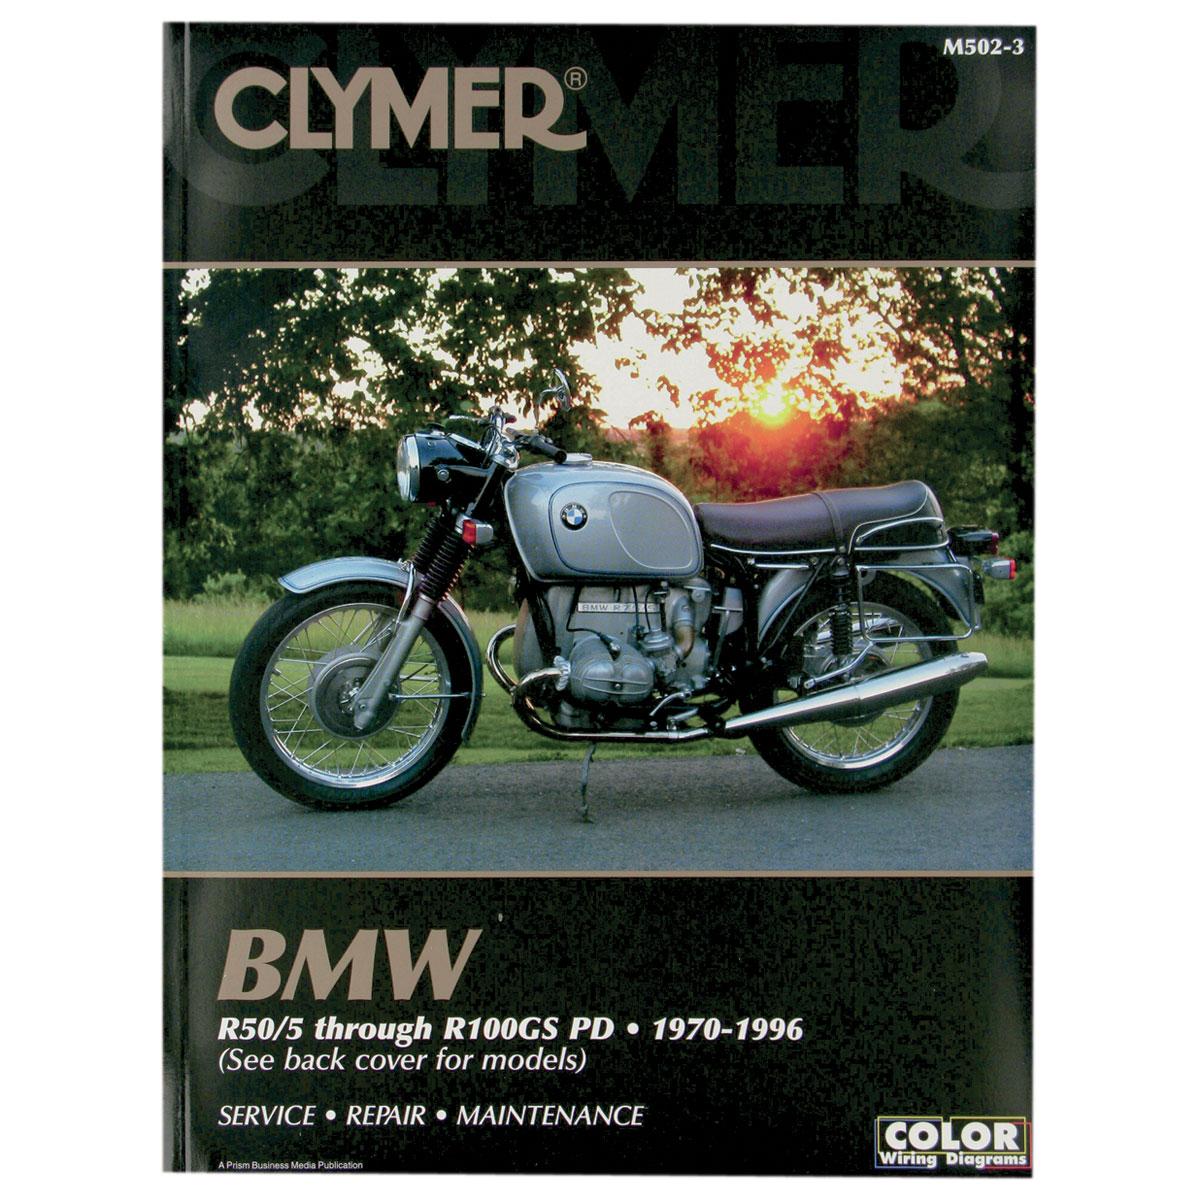 Clymer BMW Motorcycle Repair Manual